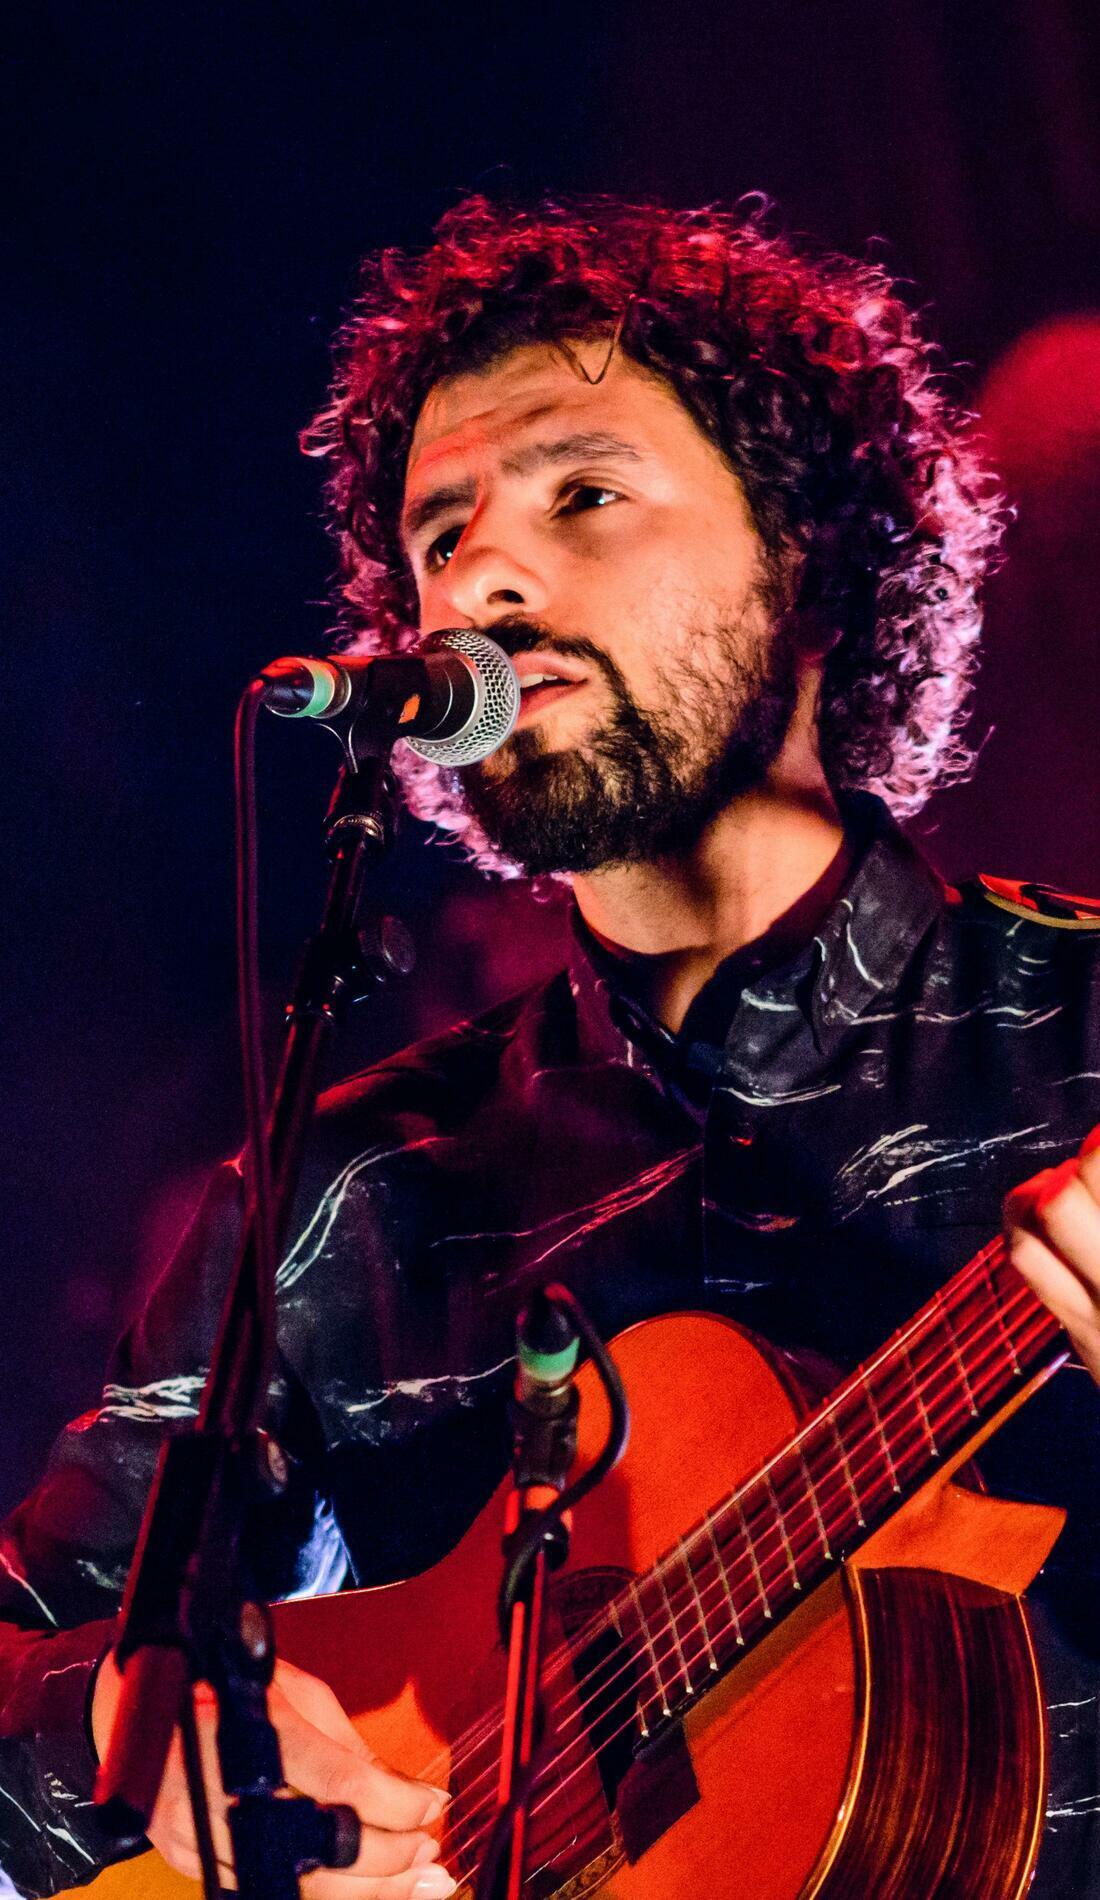 A José González live event